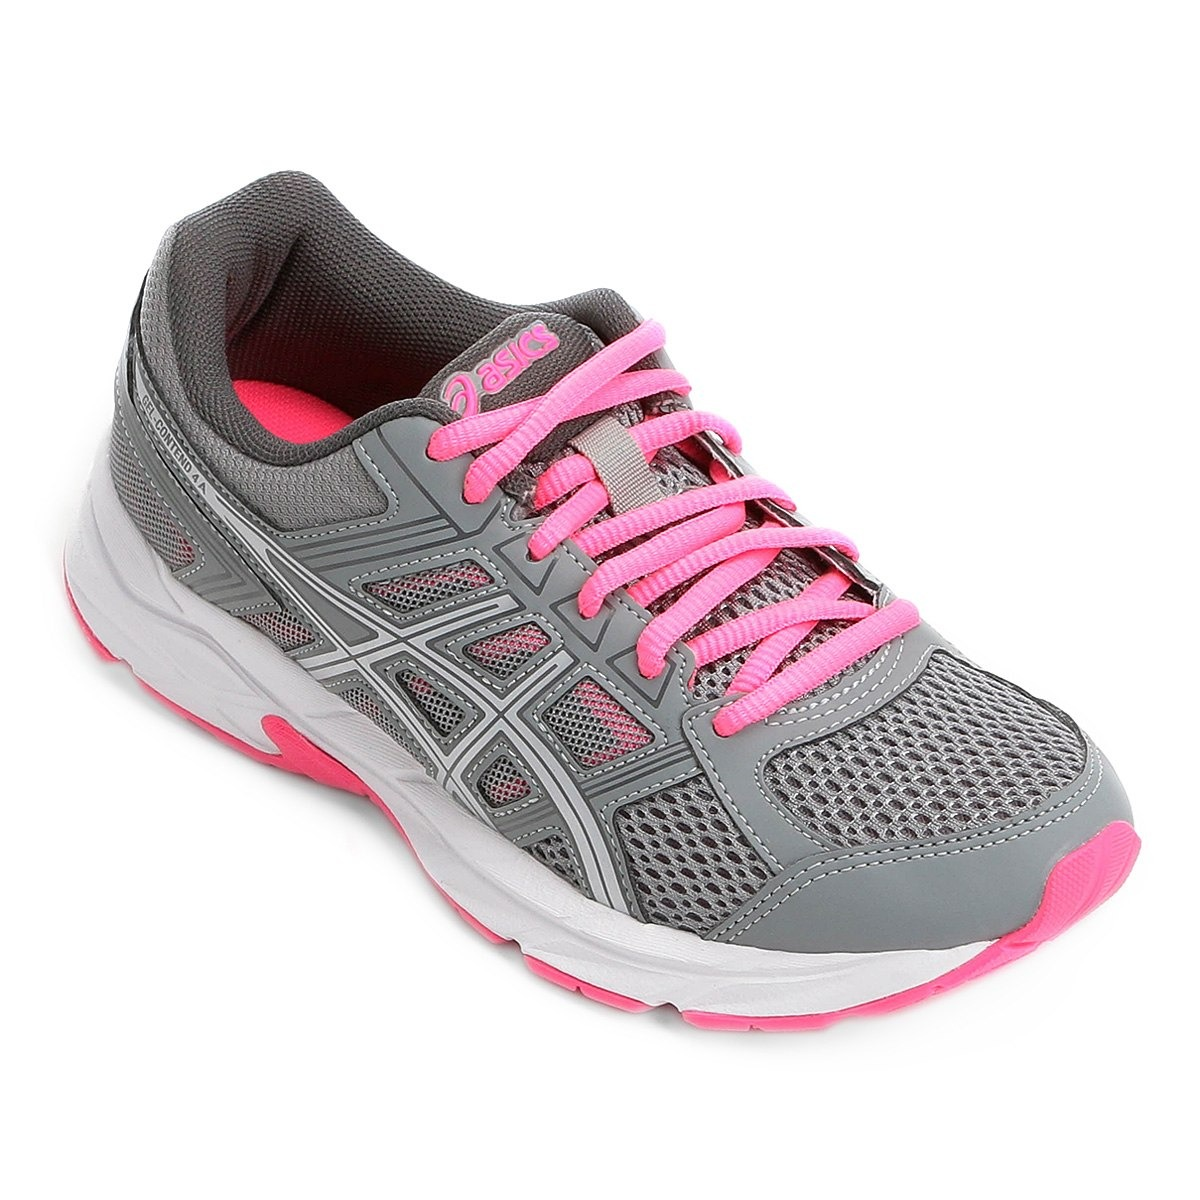 f95a9150d87 tênis asics gel contend 4 cinza prata rosa feminino. Carregando zoom.